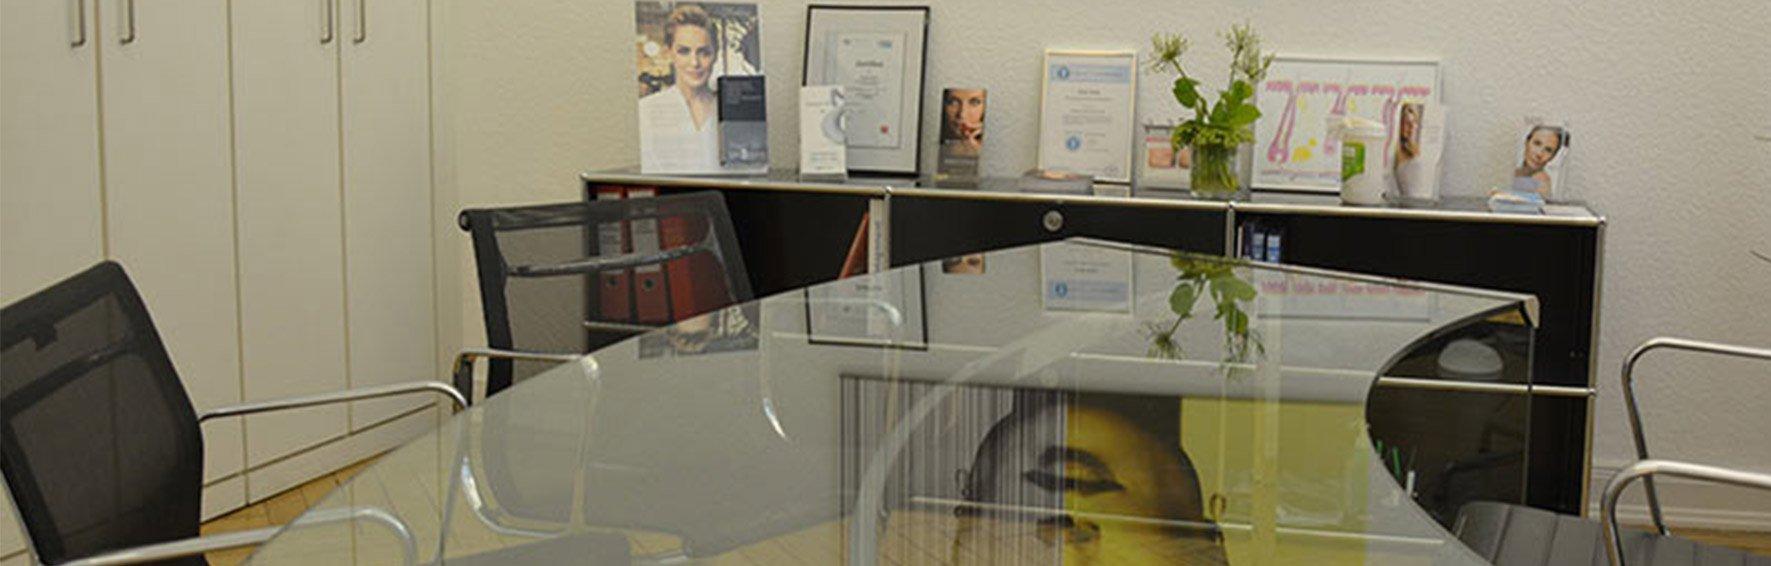 Alster-Klinik Besprechungsraum